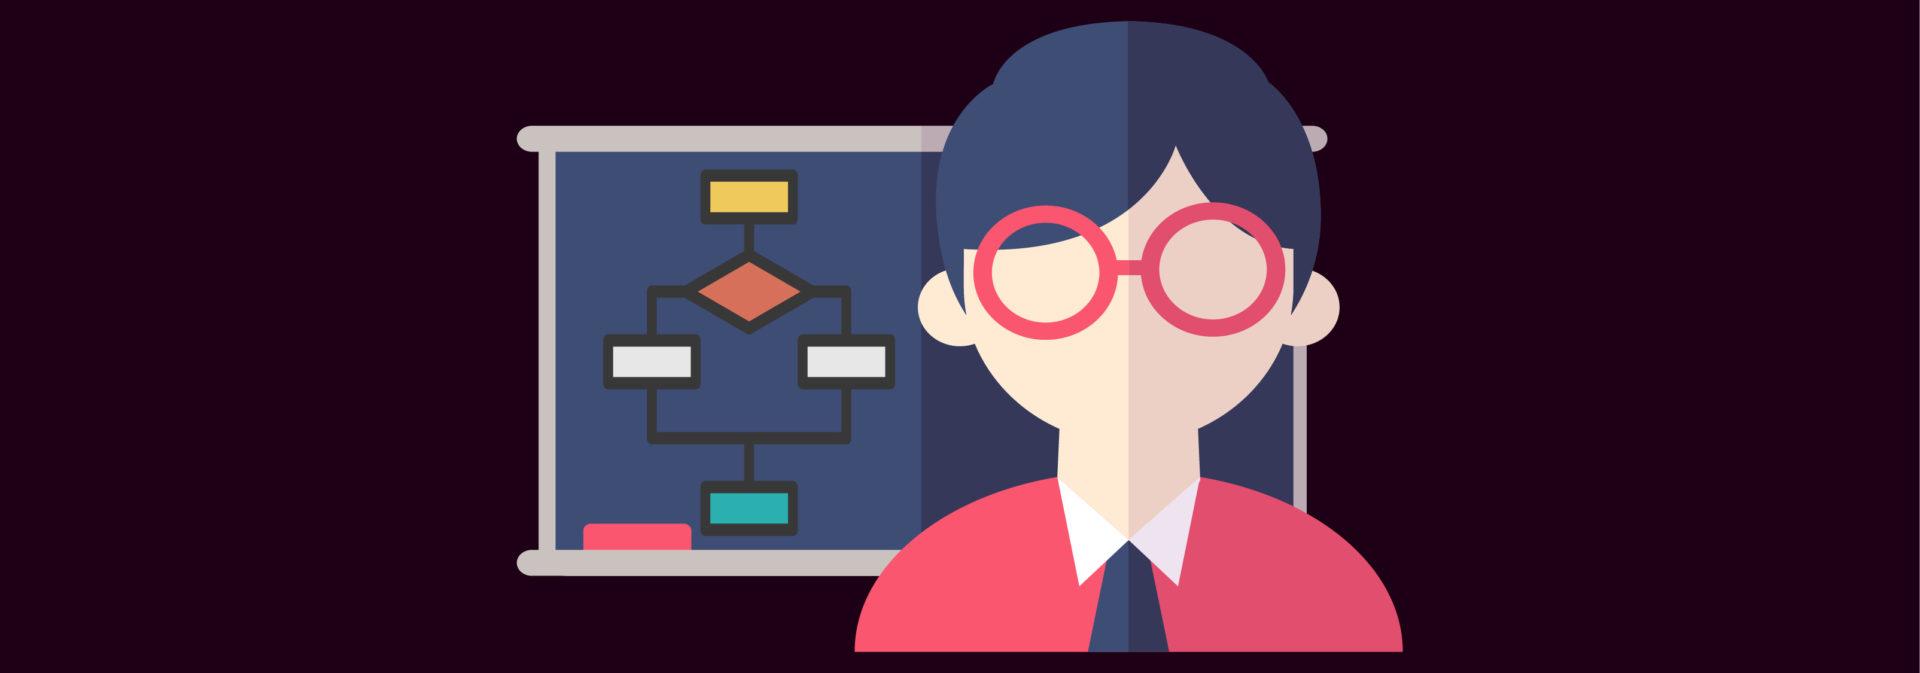 Логотип «Как лучше всего изучать алгоритмы»